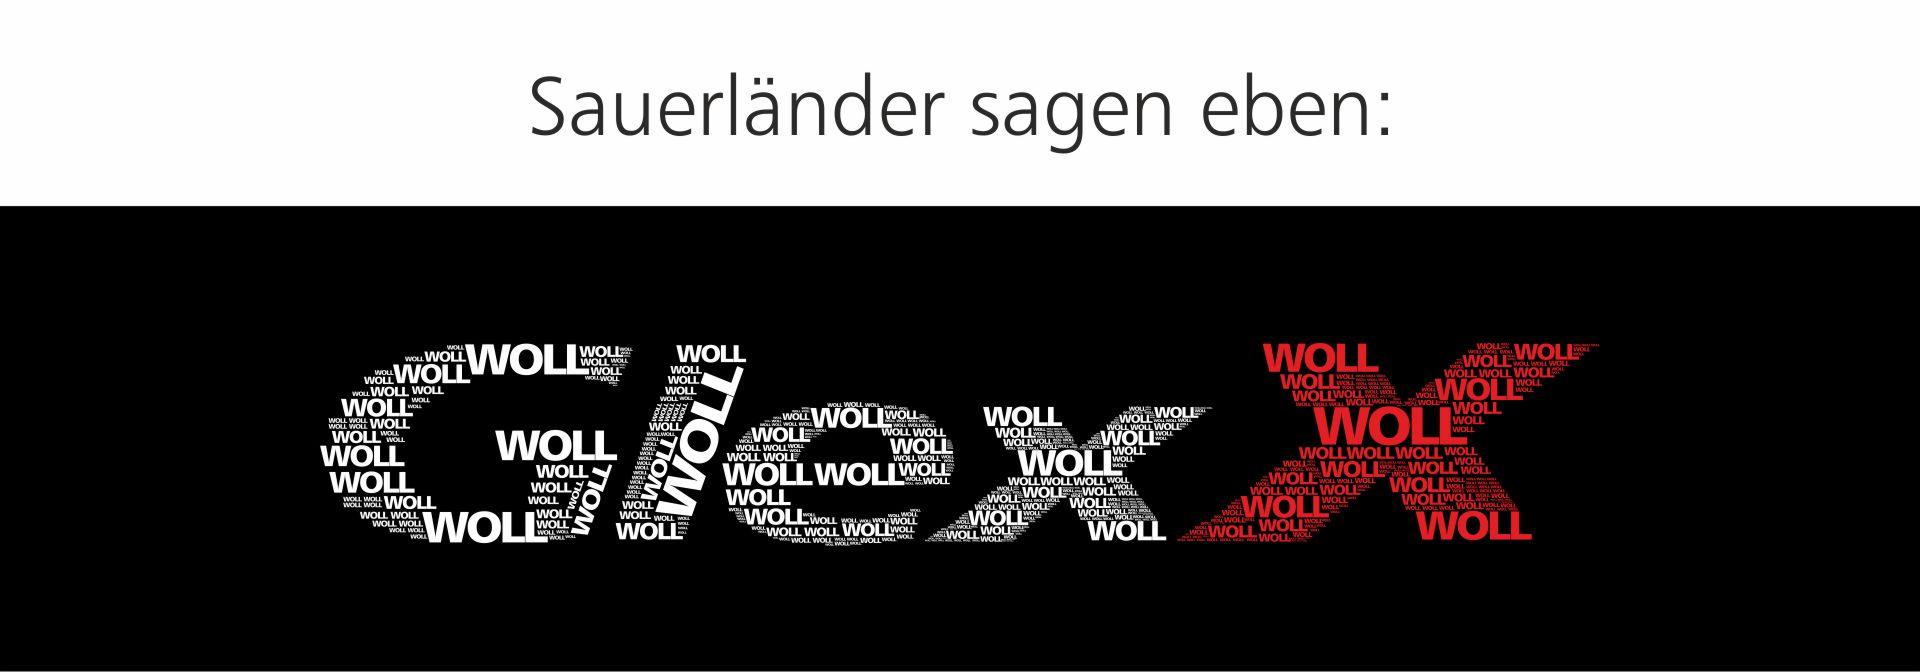 glexx_012